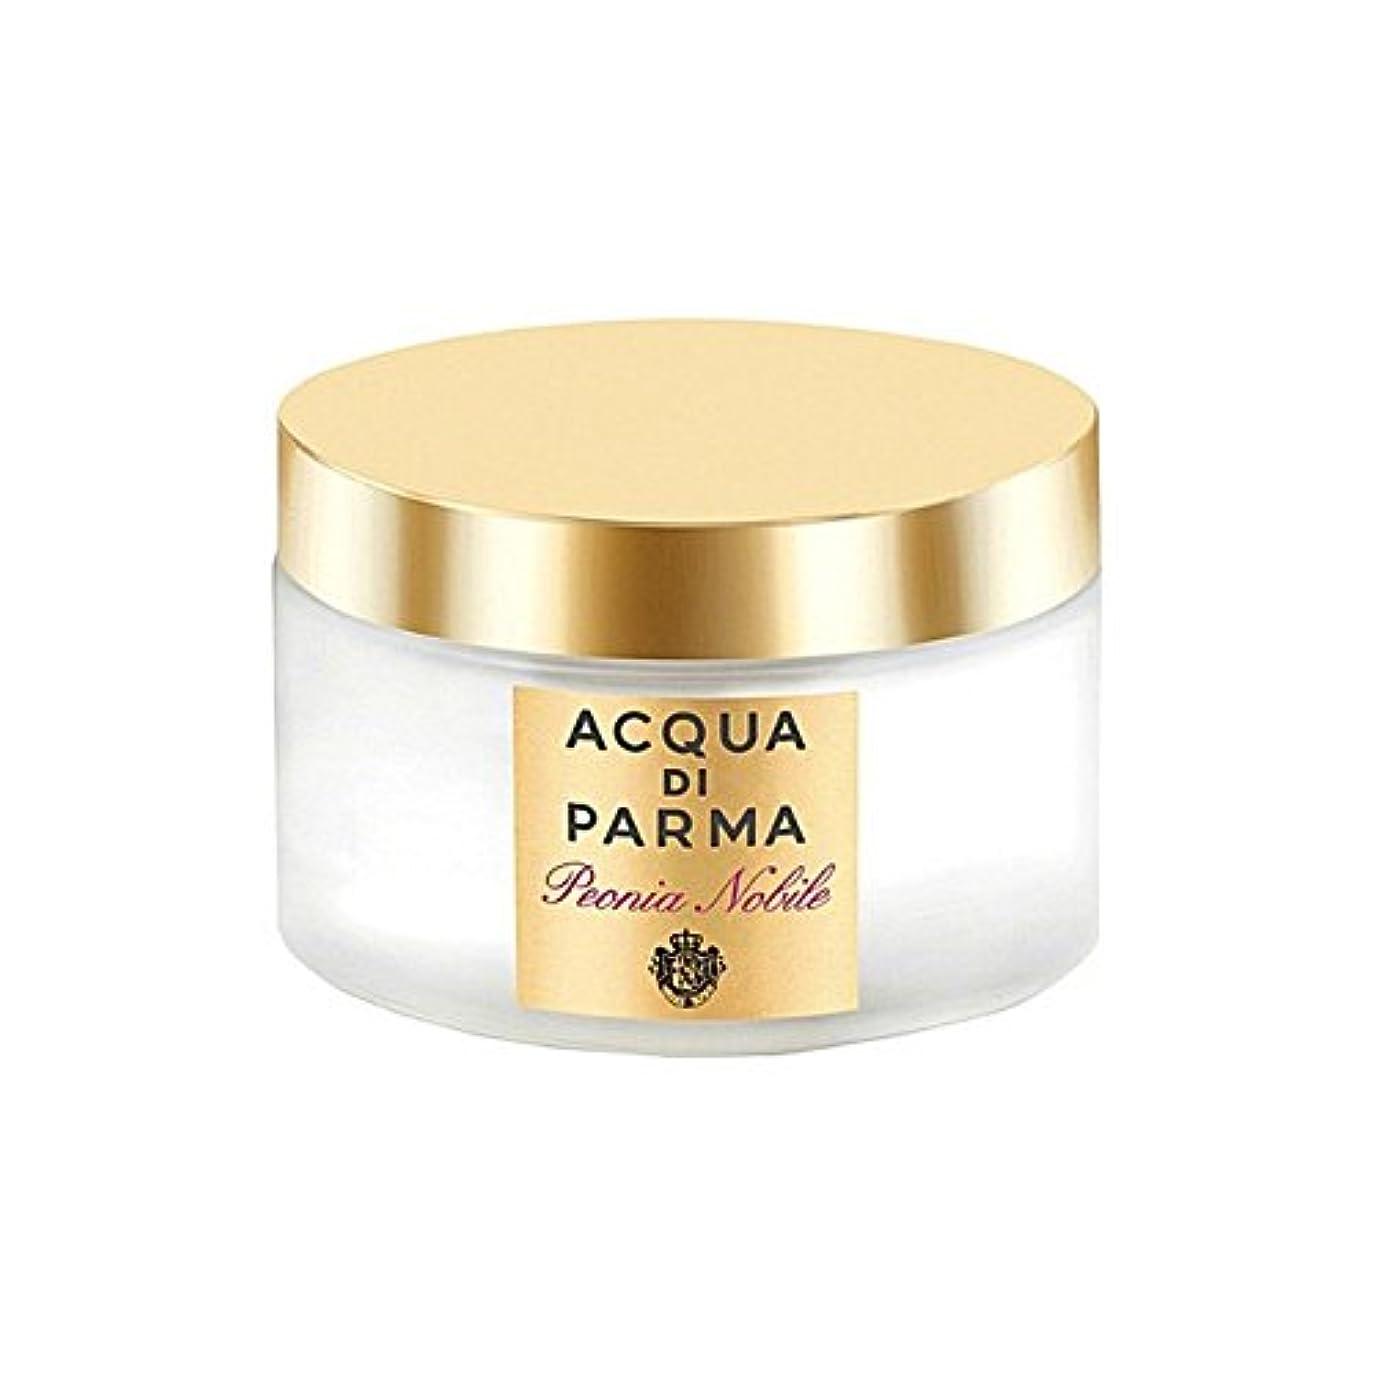 かかわらず罪悪感不快Acqua Di Parma Peonia Nobile Body Cream 150ml (Pack of 6) - アクアディパルマノビレボディクリーム150ミリリットル x6 [並行輸入品]